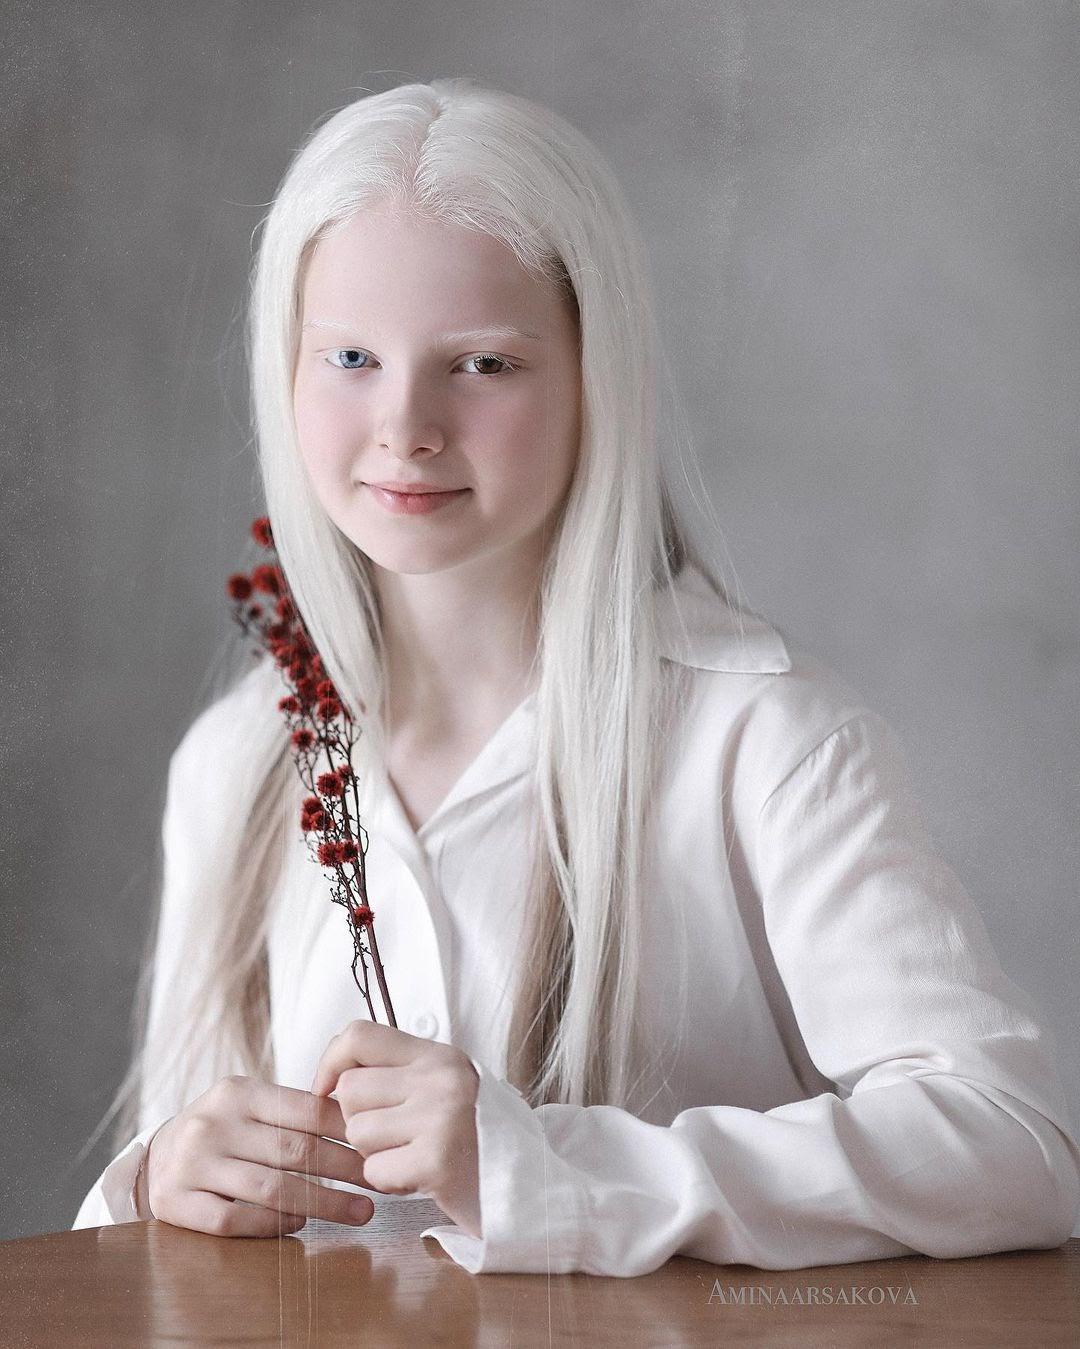 Амина Эпендиева: невероятная девочка-альбинос с разноцветными глазами из Чечни. Как выглядит сегодня и потеряла ли красоту 3